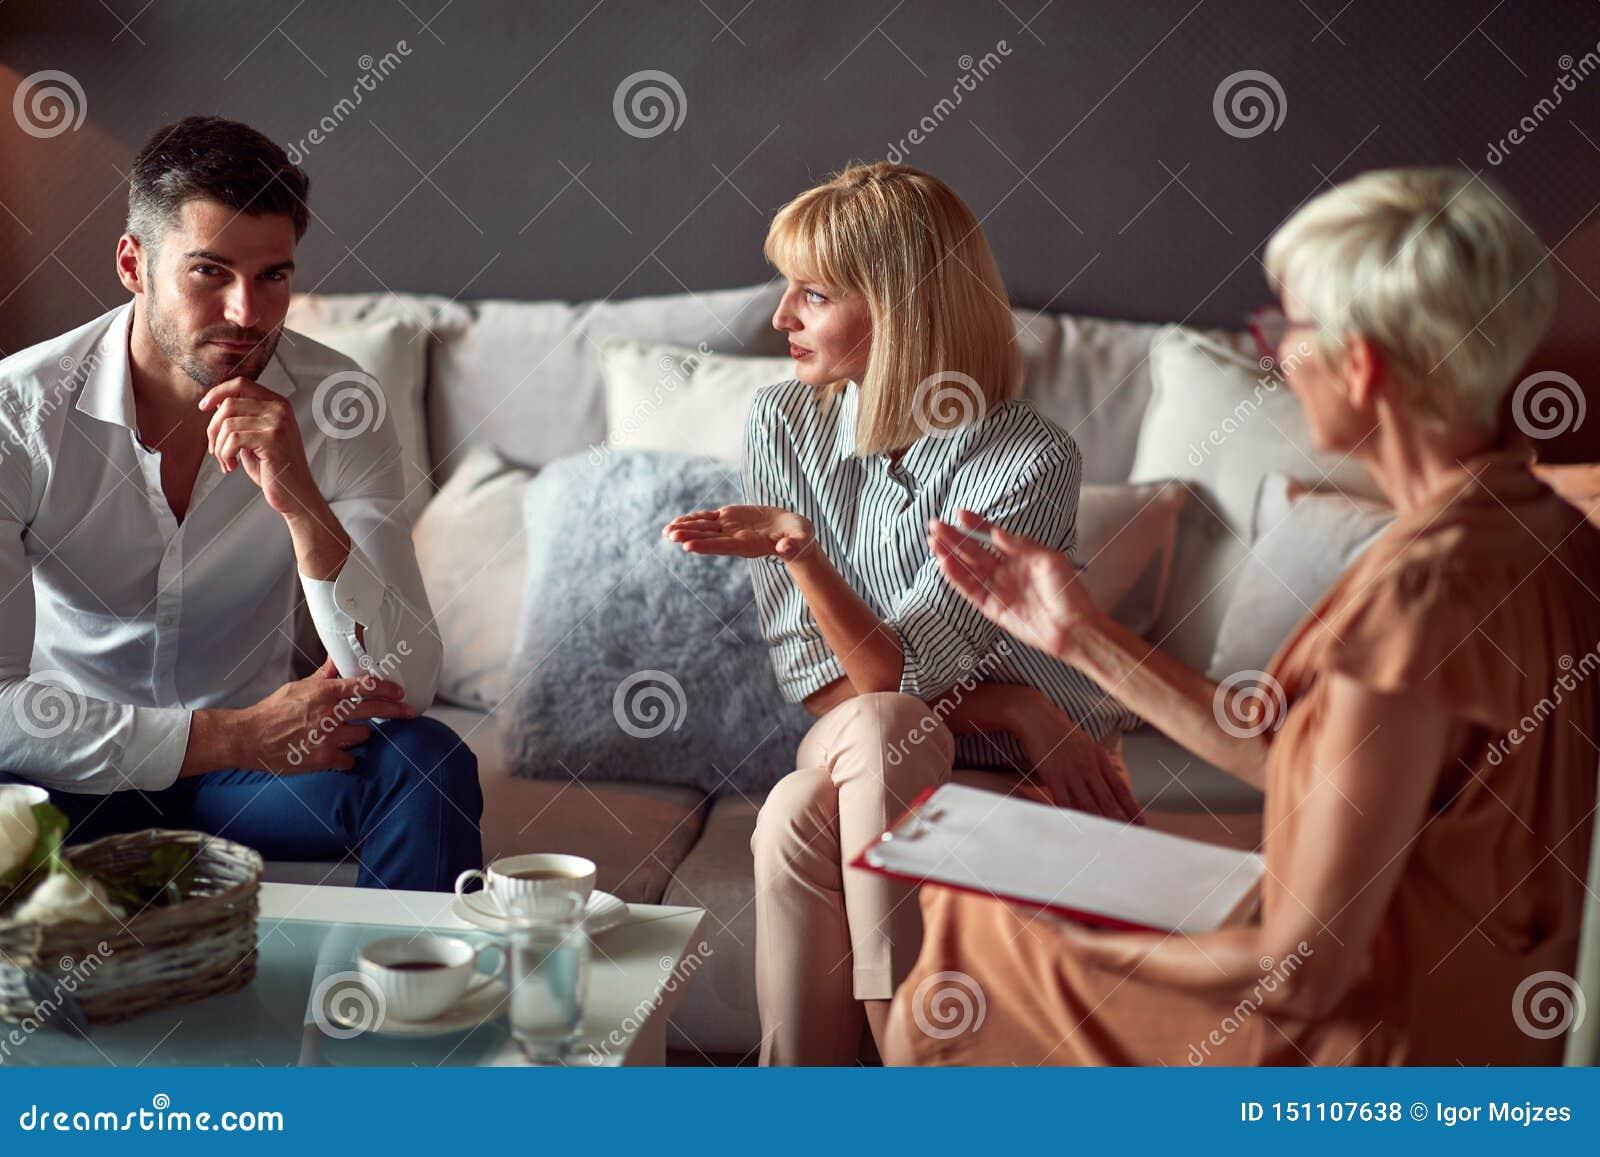 Épouse expliquant le problème matrimonial au psychologue